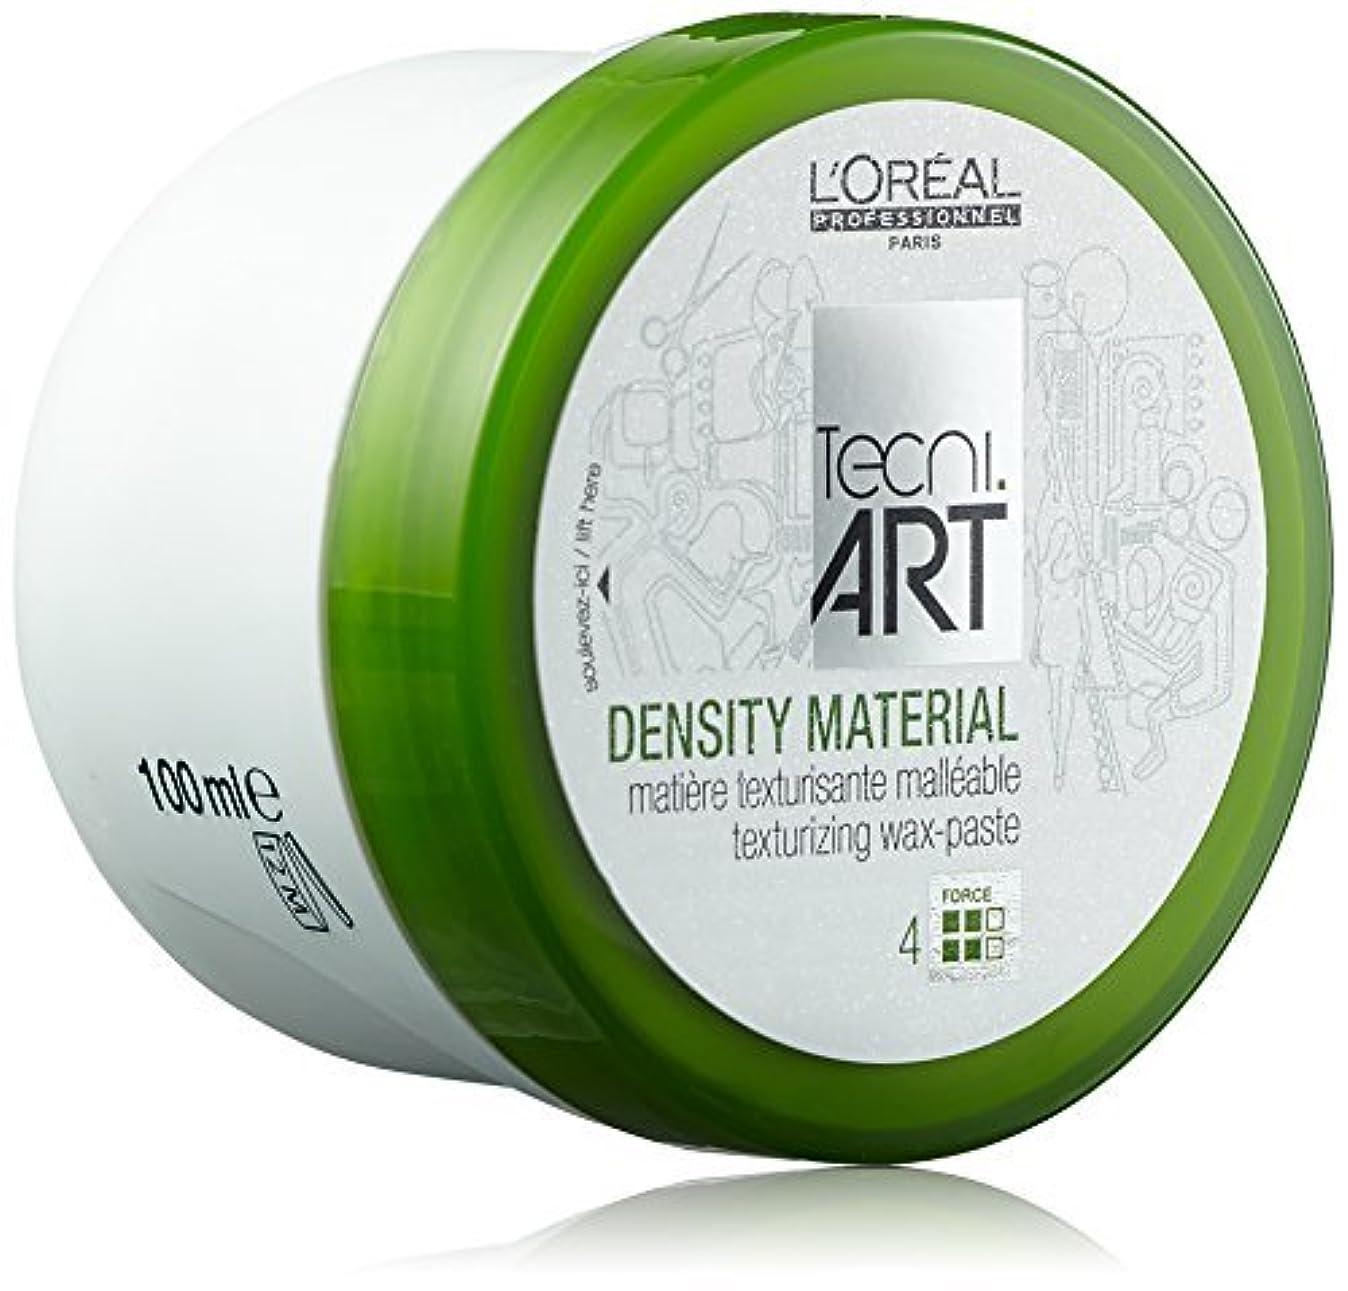 栄養損傷証言するL'Oreal Professionnel Tecni.Art Play Ball Density Material 100ml/3.4oz by L'oreal [並行輸入品]